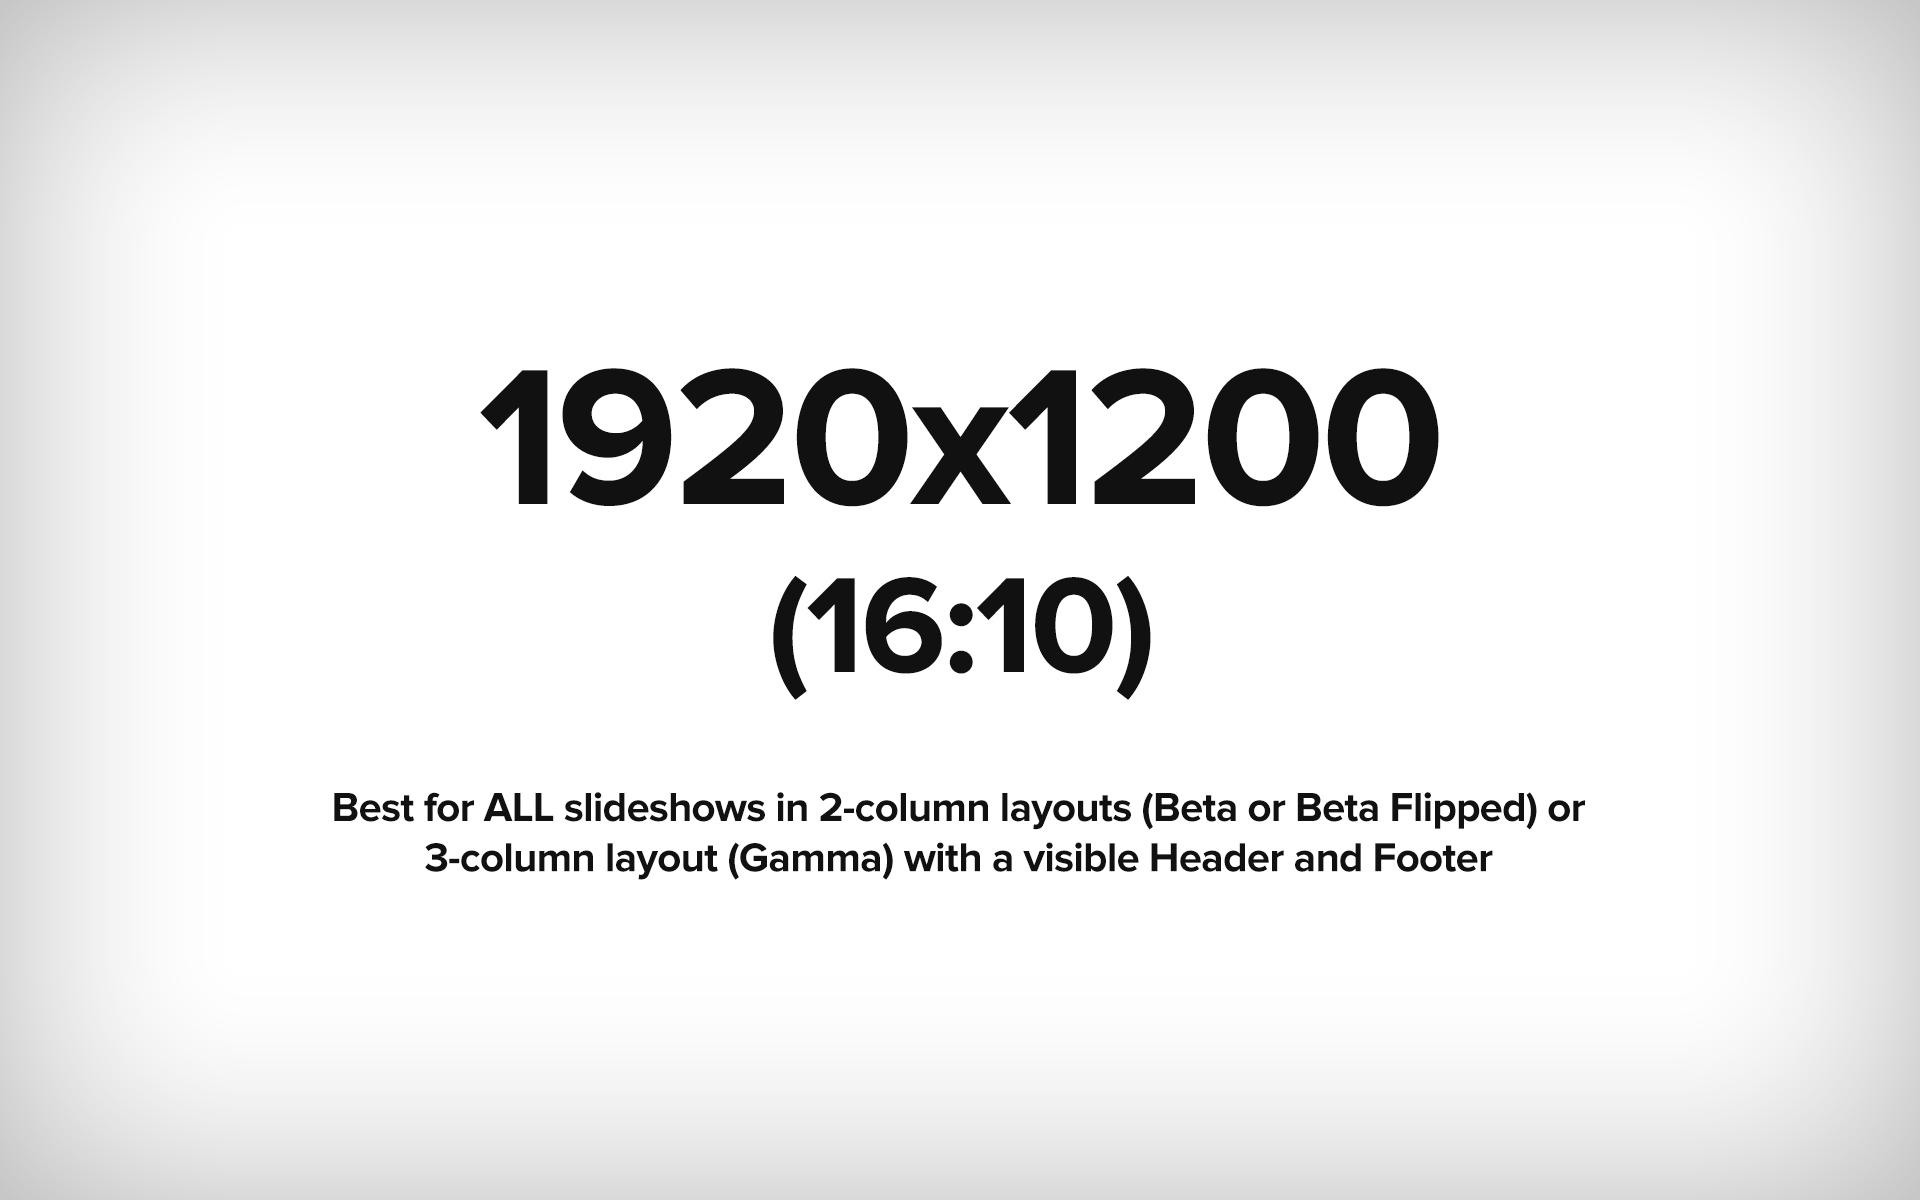 1920x1200 (16:10 ratio) Example image